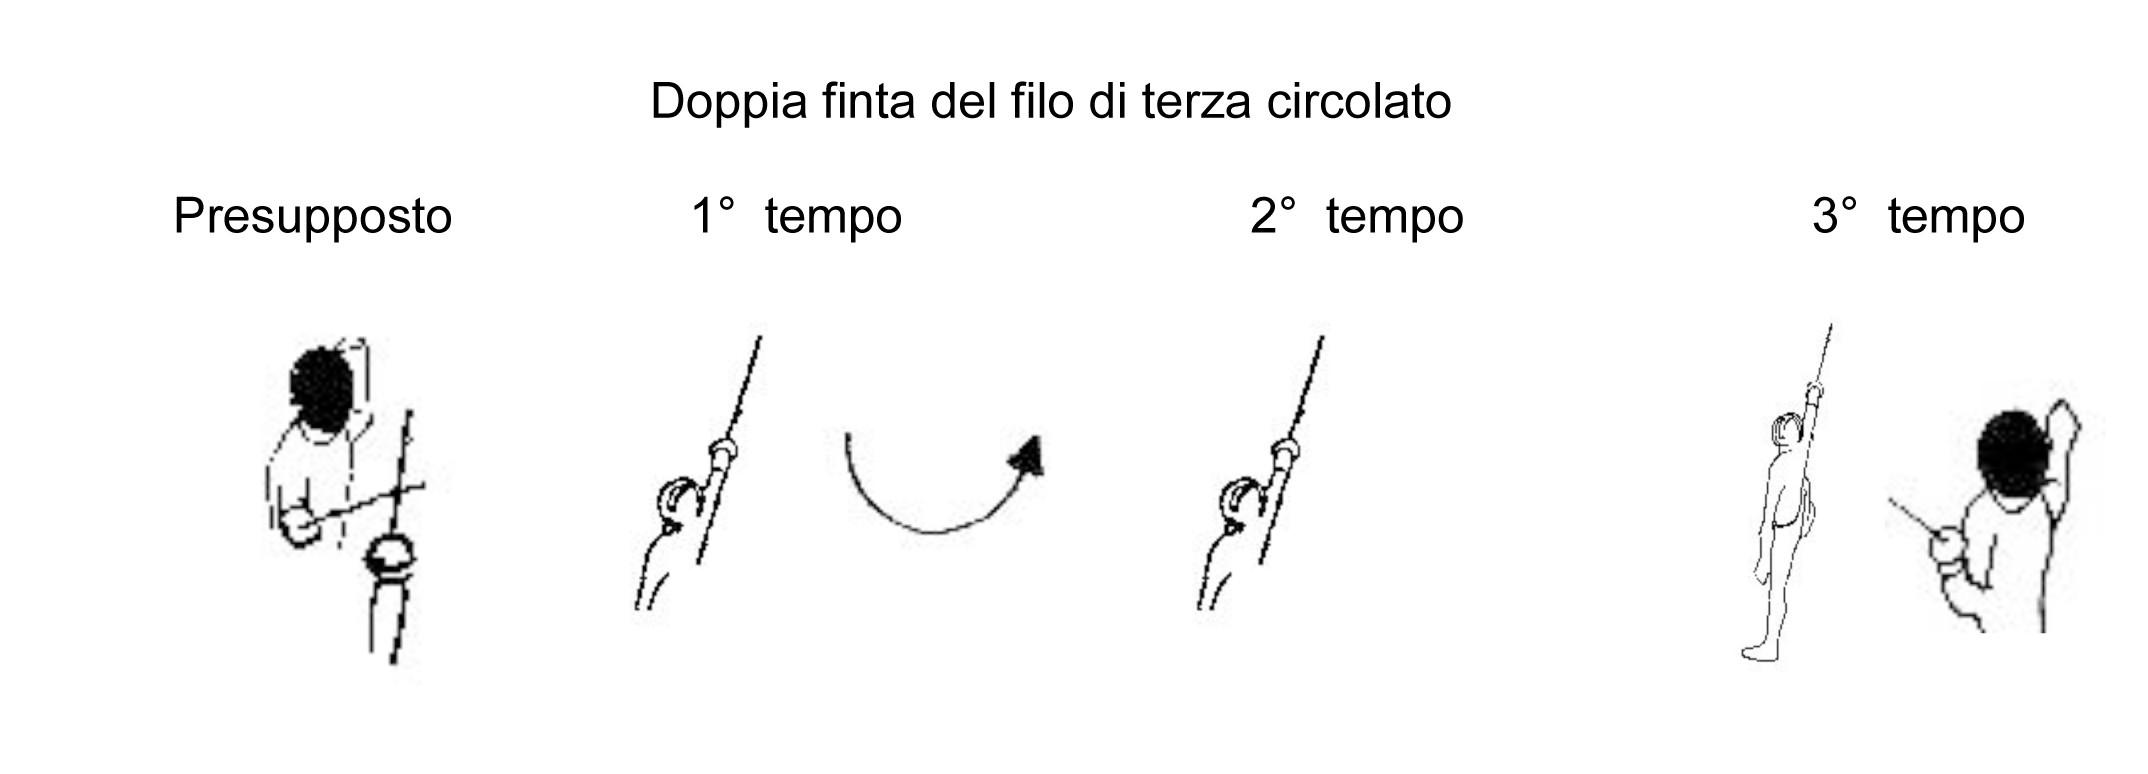 doppia-finta-del-filo-di-terza-circolato